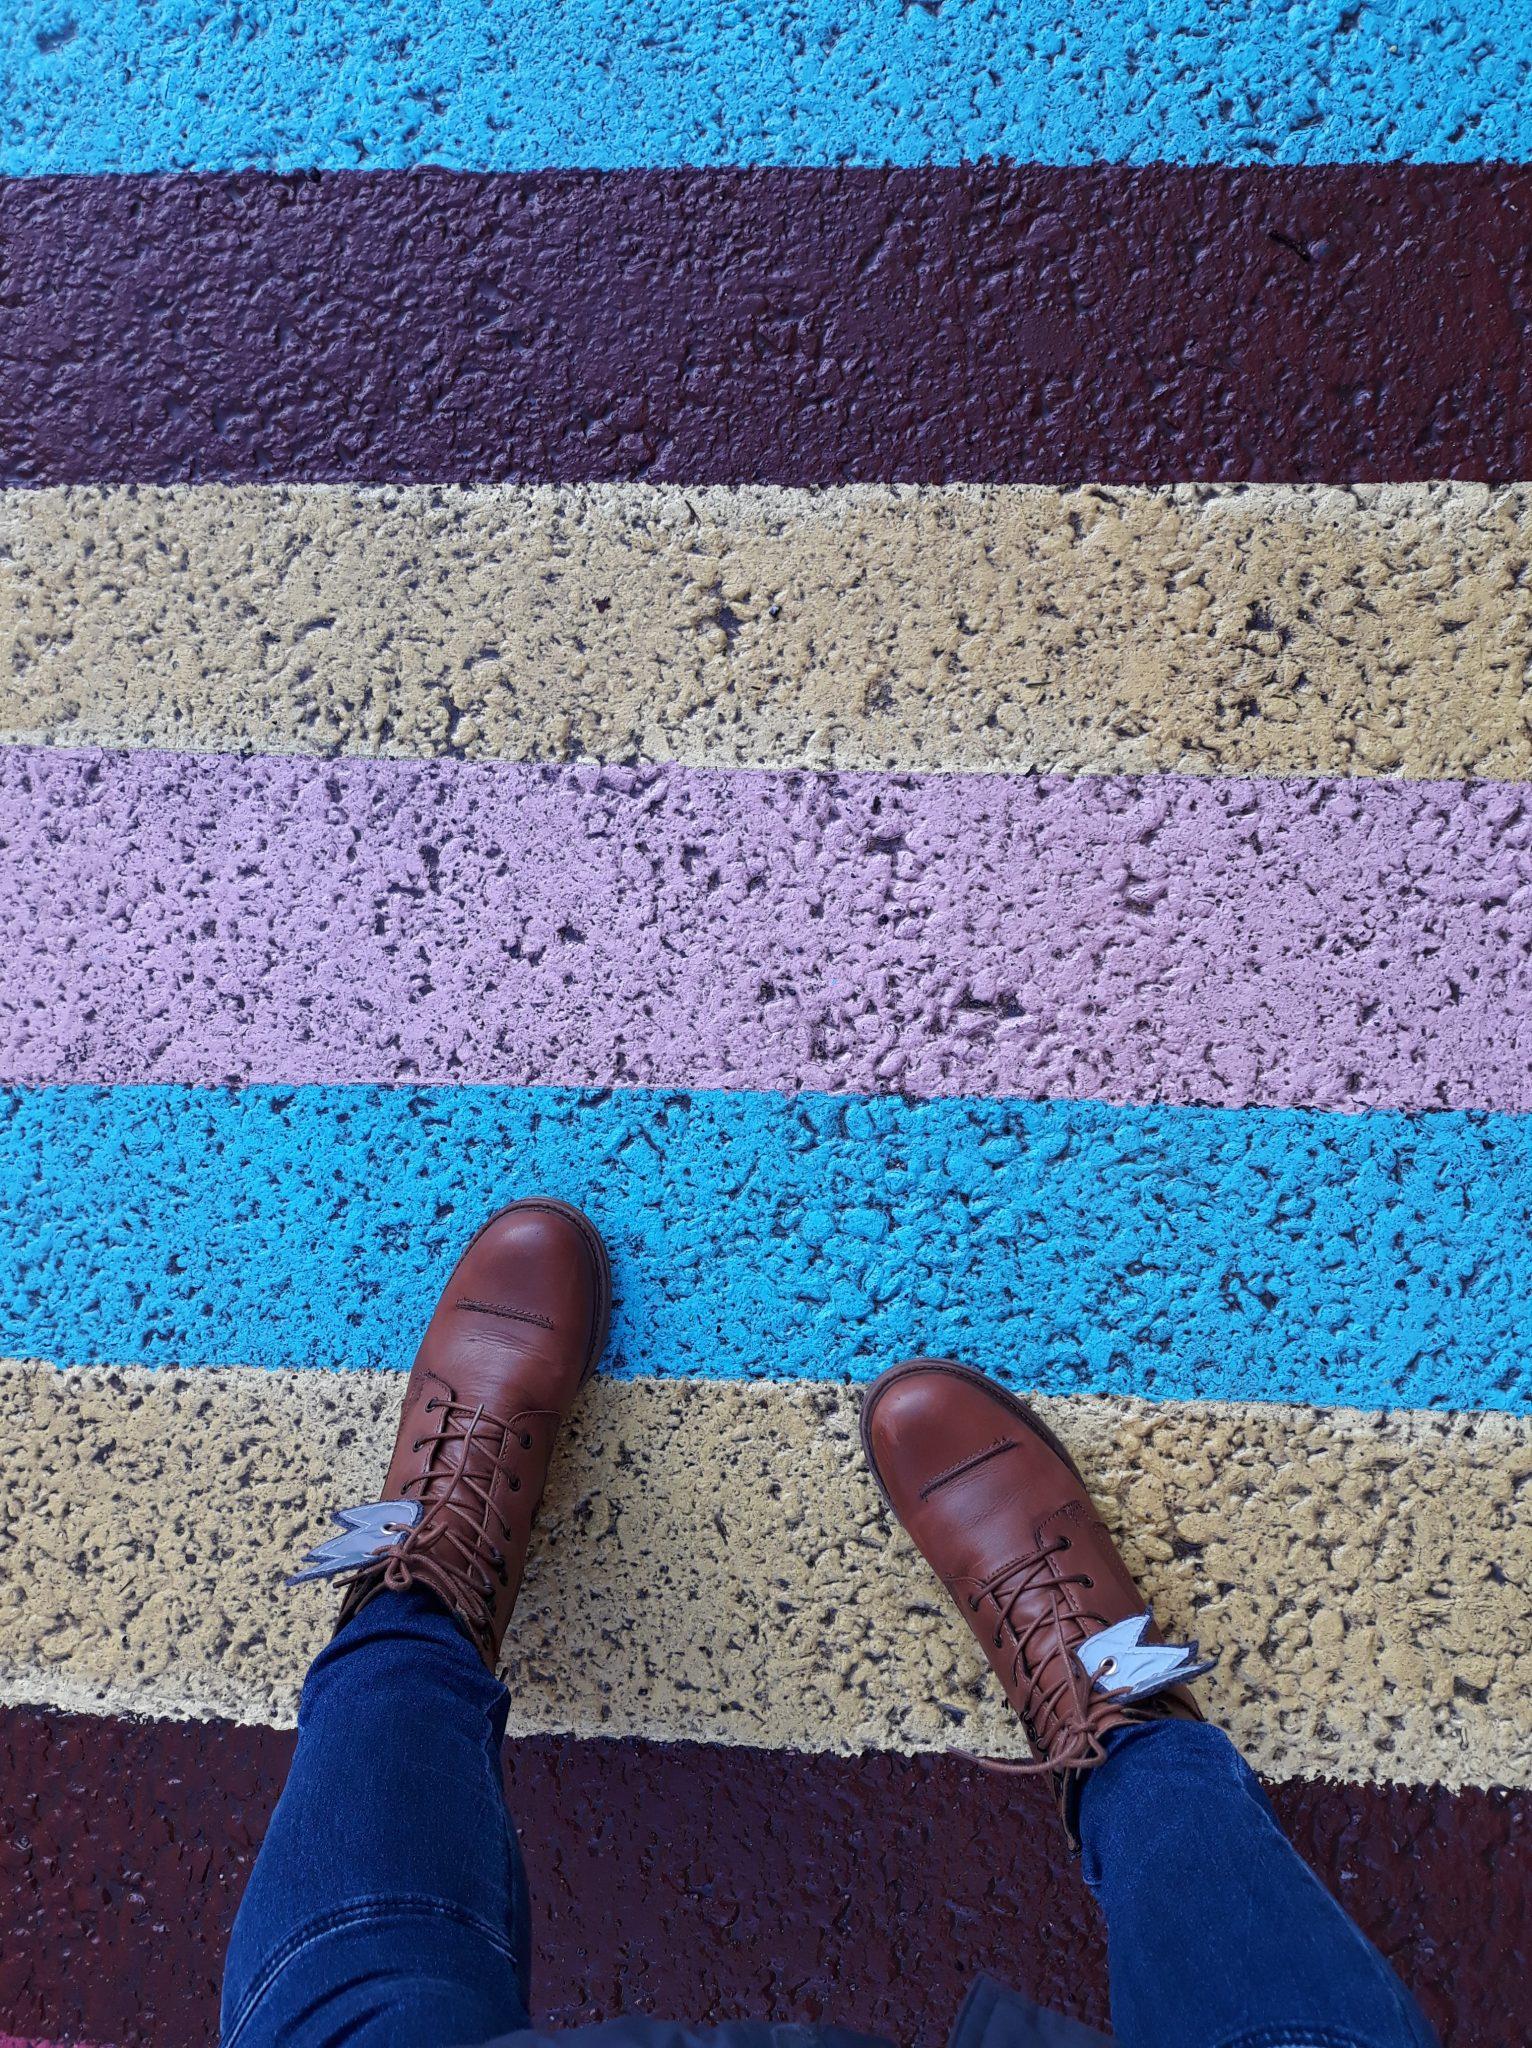 Kengät asvaltilla, jossa on erivärisiä raitoja.